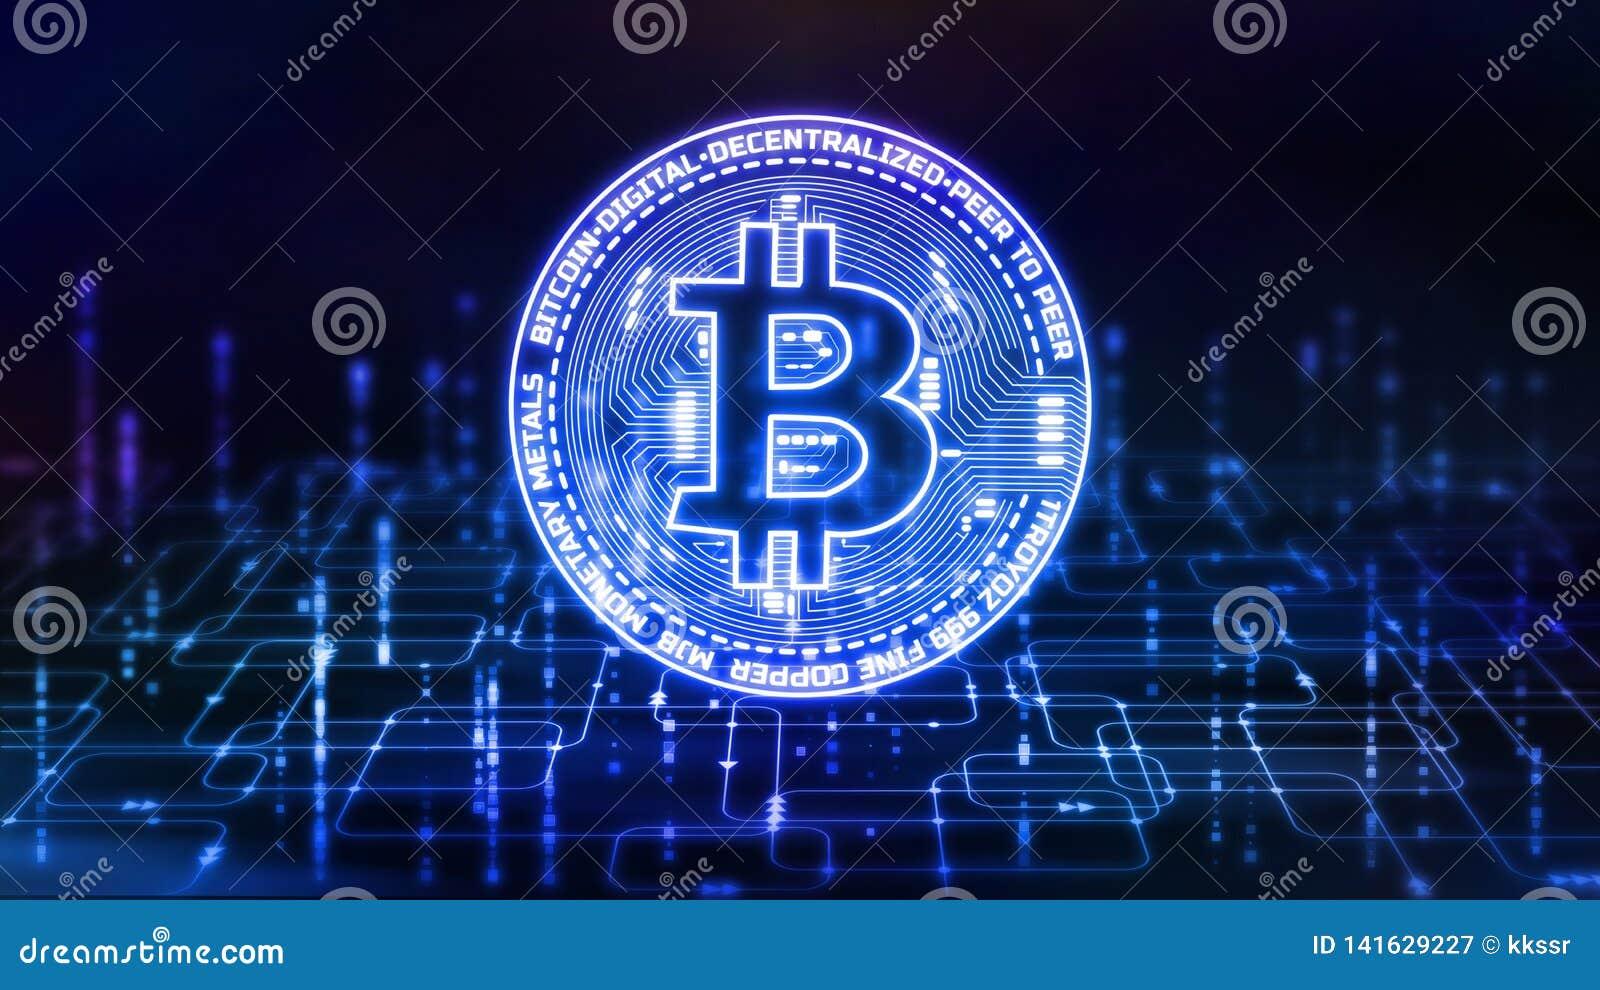 Bitcoin definicion informatica.